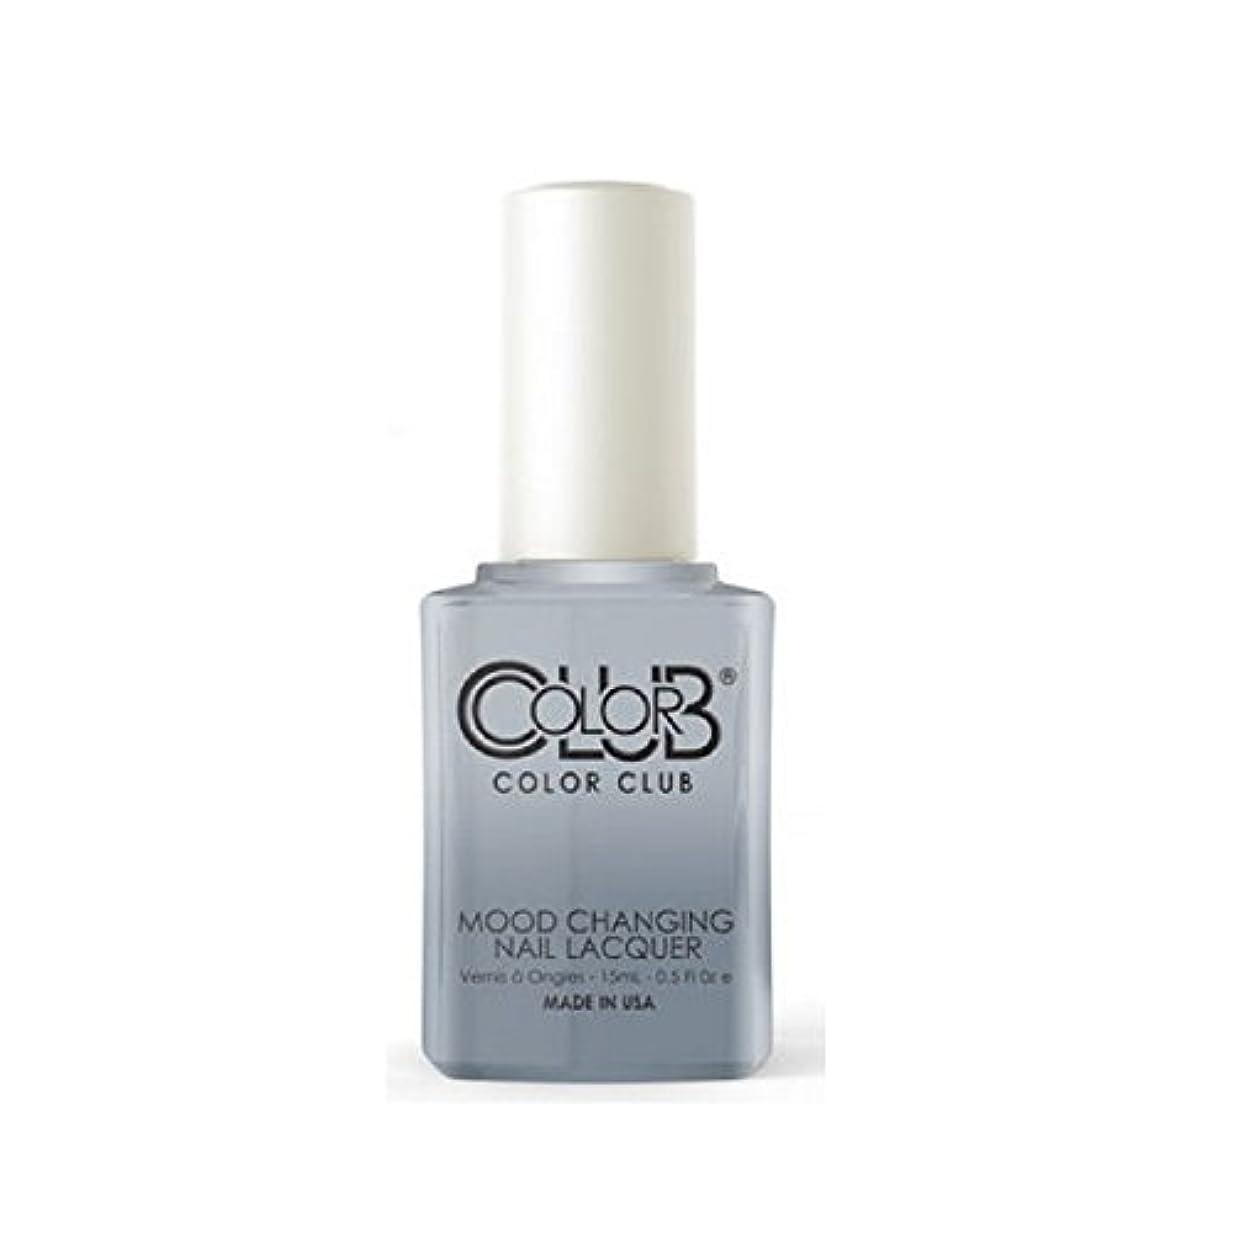 健全プレゼンリーColor Club Mood Changing Nail Lacquer - Head in the Clouds - 15 mL / 0.5 fl oz